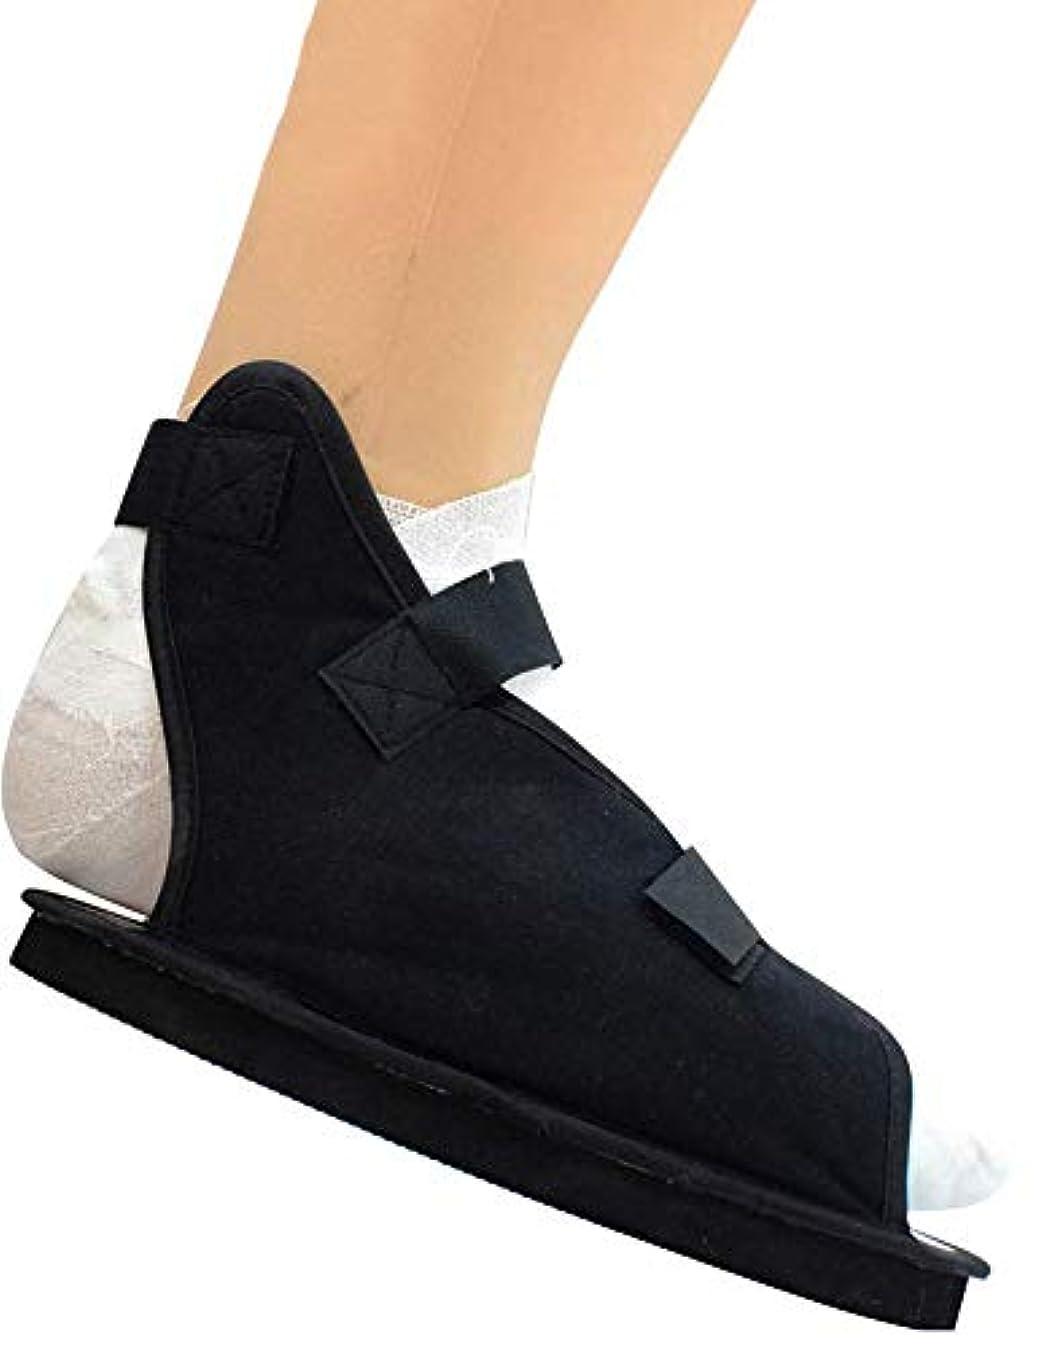 供給水差しキャメル骨折したつま先/足の骨折のための術後靴 - 男性と女性のための医療/外科用ウォーキングシューズキャストブーツ - /調整可能ストラップ付き整形外科サンダル,XL